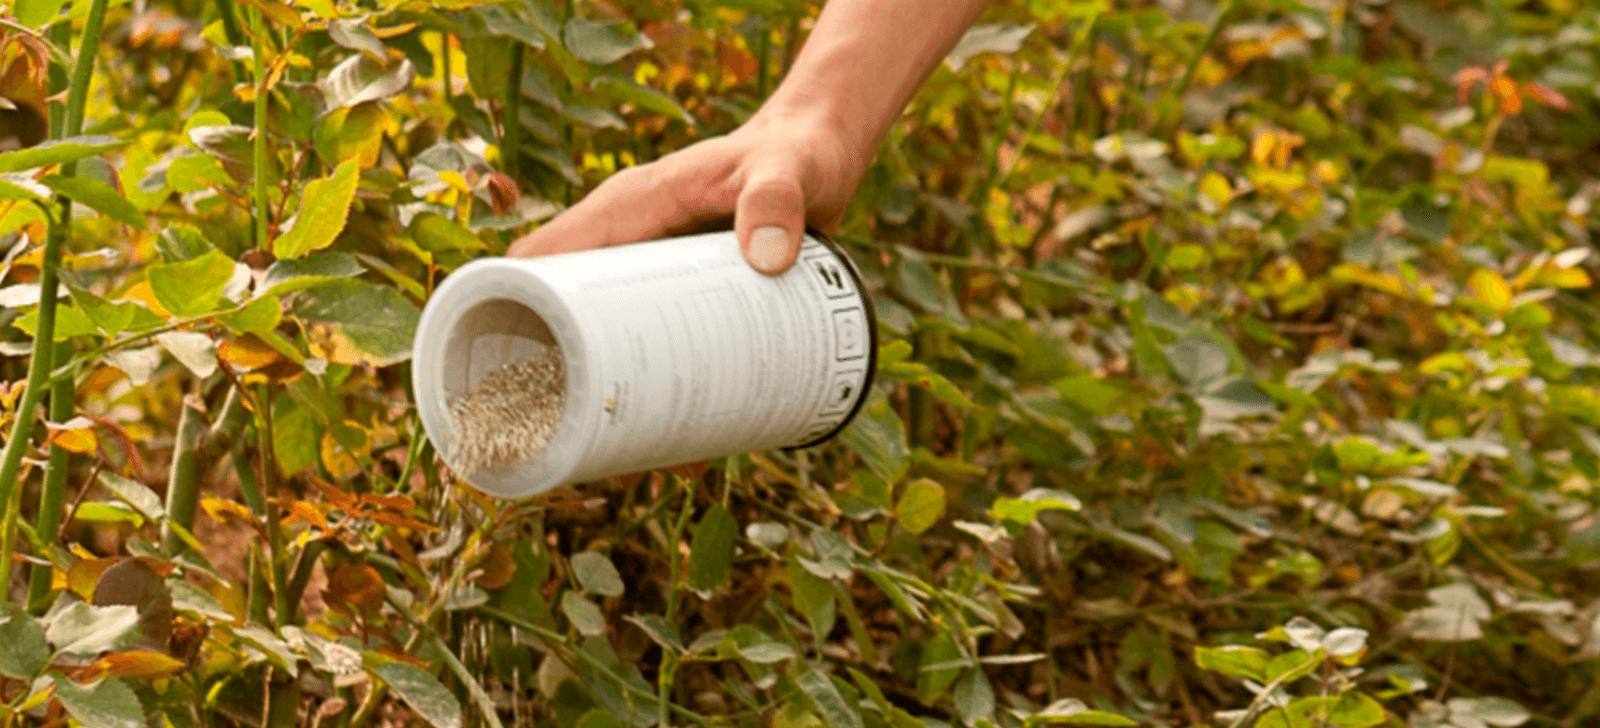 promip manejo integrado de pragas controle biologico produto